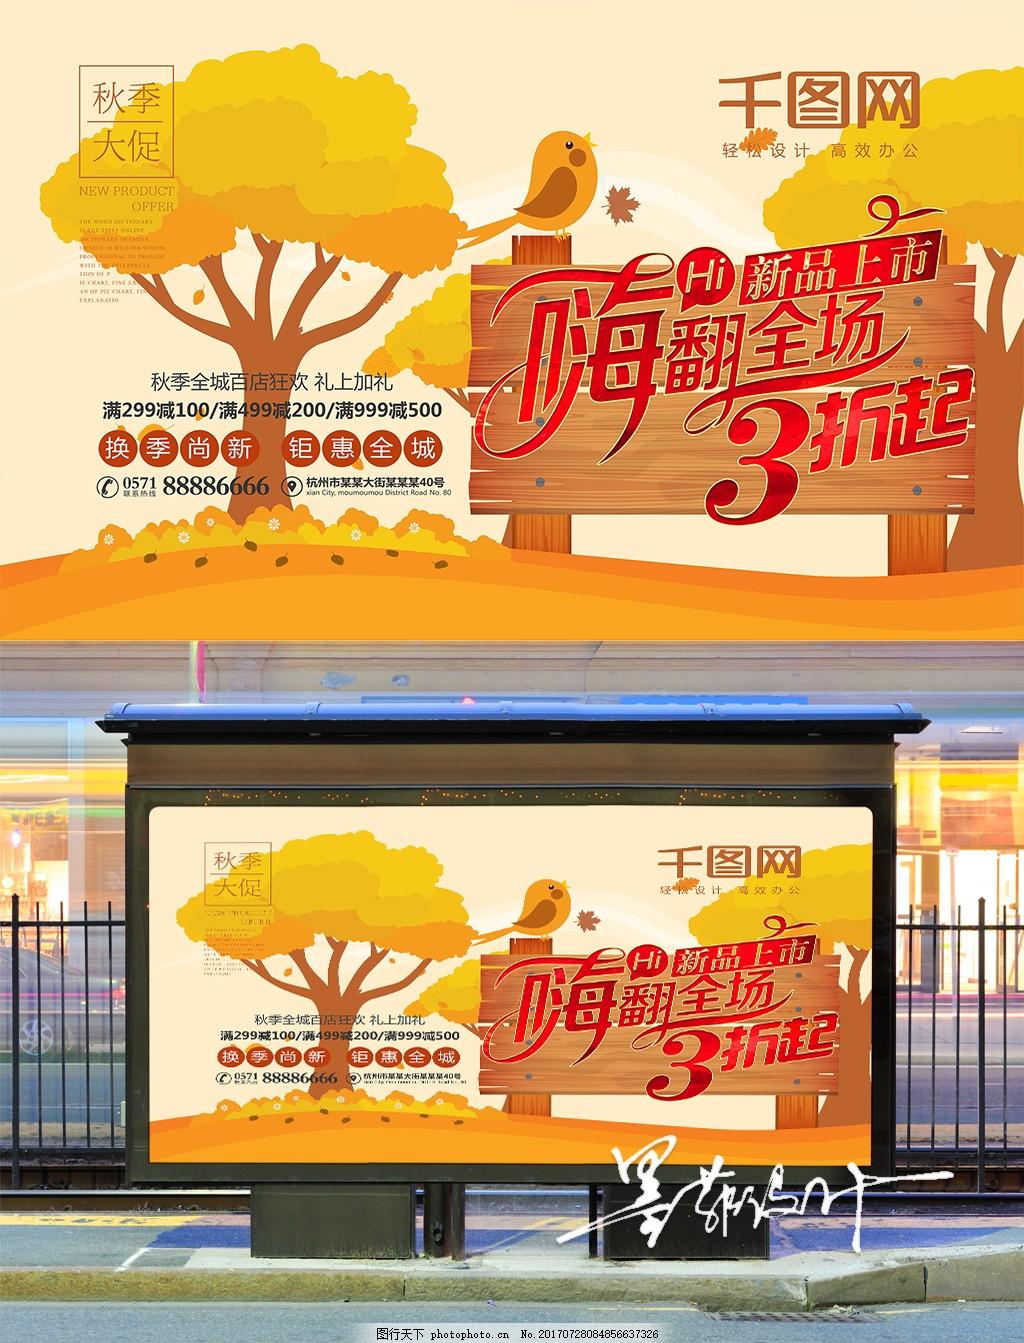 嗨翻全场秋季活动促销海报设计 秋季促销 秋季新品 秋季海报 秋季大促销